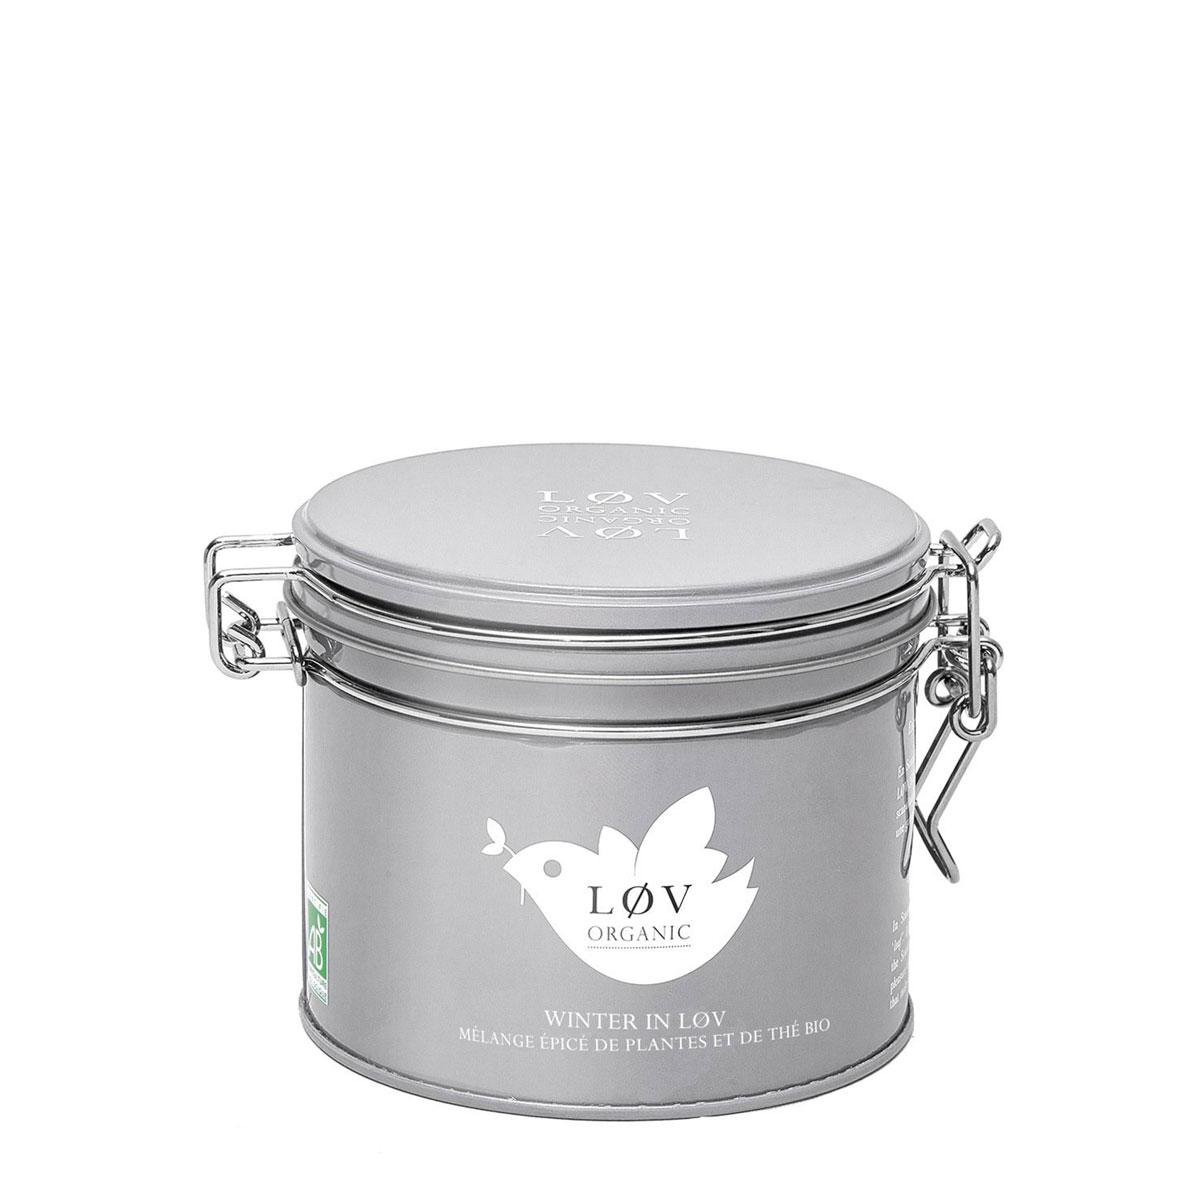 Winter in Løv - Mischung aus Gewürzen, Kakao und schwarzem Tee, aromatisiert von Løv Organic